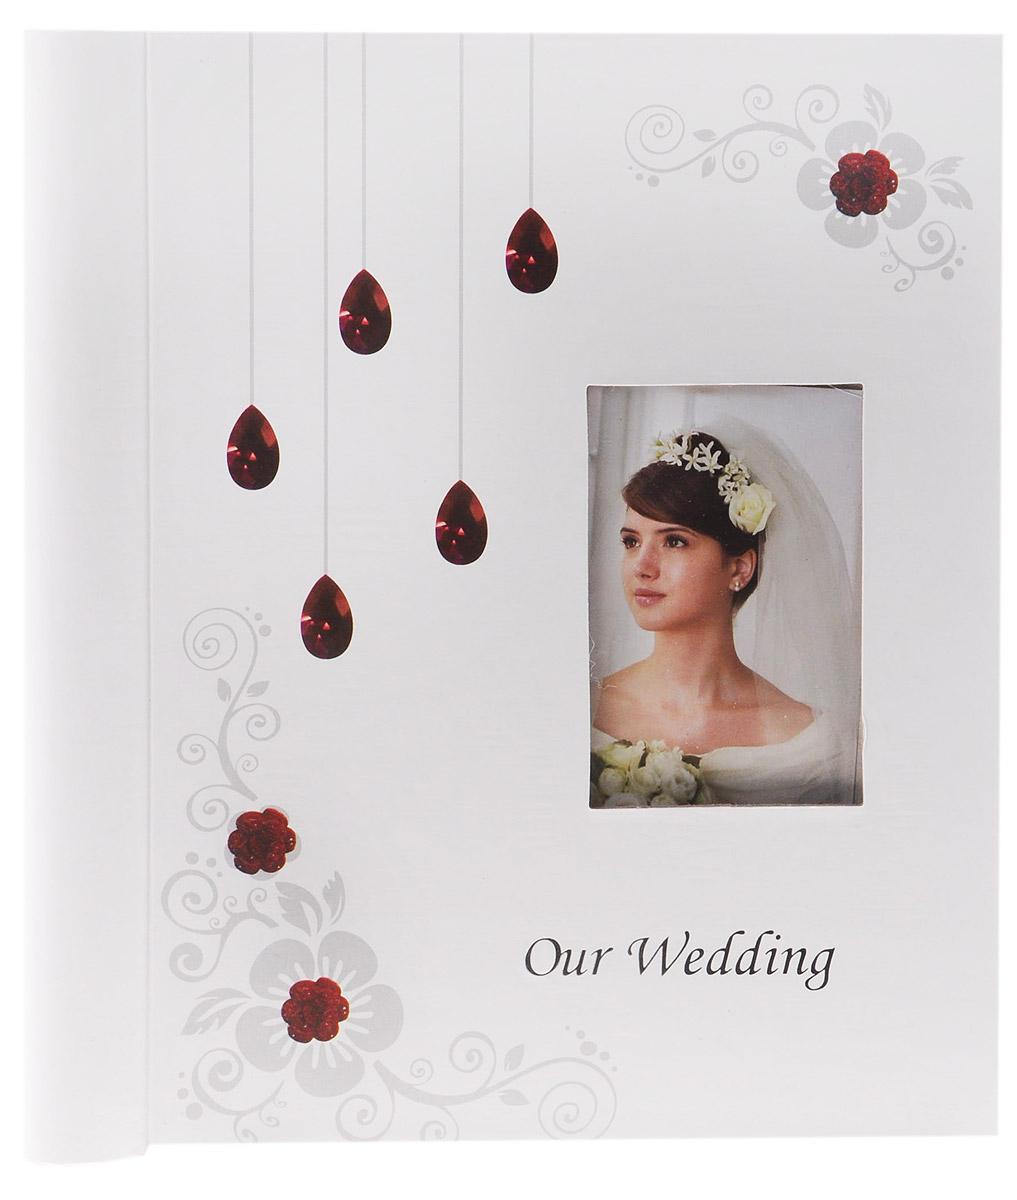 Фотоальбом Diesel Wedding story, 20 фотографий, 23 х 28 см 2226322263 FA_белый, рубиныФотоальбом Diesel Wedding story изготовленный из картона с клеевым покрытием и пленки ПВХ, поможет красиво оформить ваши свадебные фотографии. Обложка выполнена из толстого картона. С лицевой стороны обложки имеется окошко для вашей самой любимой фотографии. Внутри содержится блок из 20 магнитных листов, которые размещены на пластиковых кольцах. Альбом с магнитными листами удобен тем, что он позволяет размещать фотографии разных размеров. В альбоме предусмотрены поля для записей. Листы размещены на пластиковых кольцах. Нам всегда так приятно вспоминать о самых счастливых моментах жизни, запечатленных на фотографиях. Поэтому фотоальбом является универсальным подарком к любому празднику. Размер листа: 23 см х 28 см.